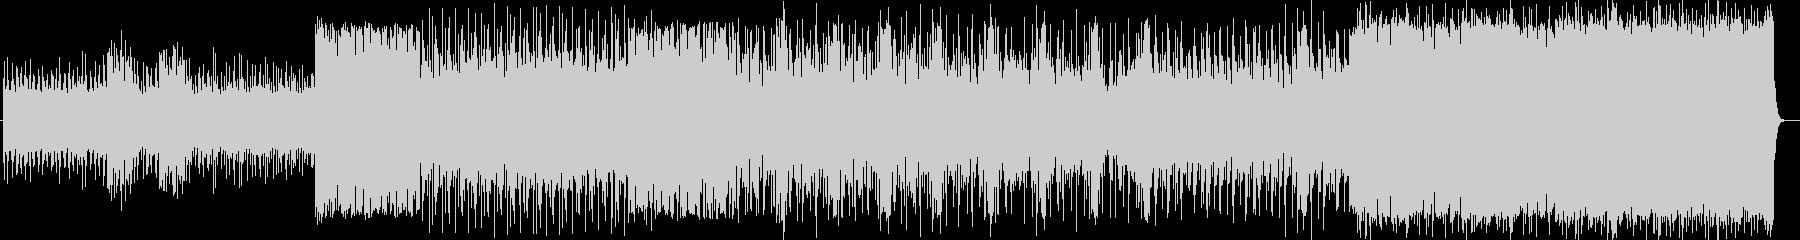 ロック エレクトロニカ ニューデジロックの未再生の波形